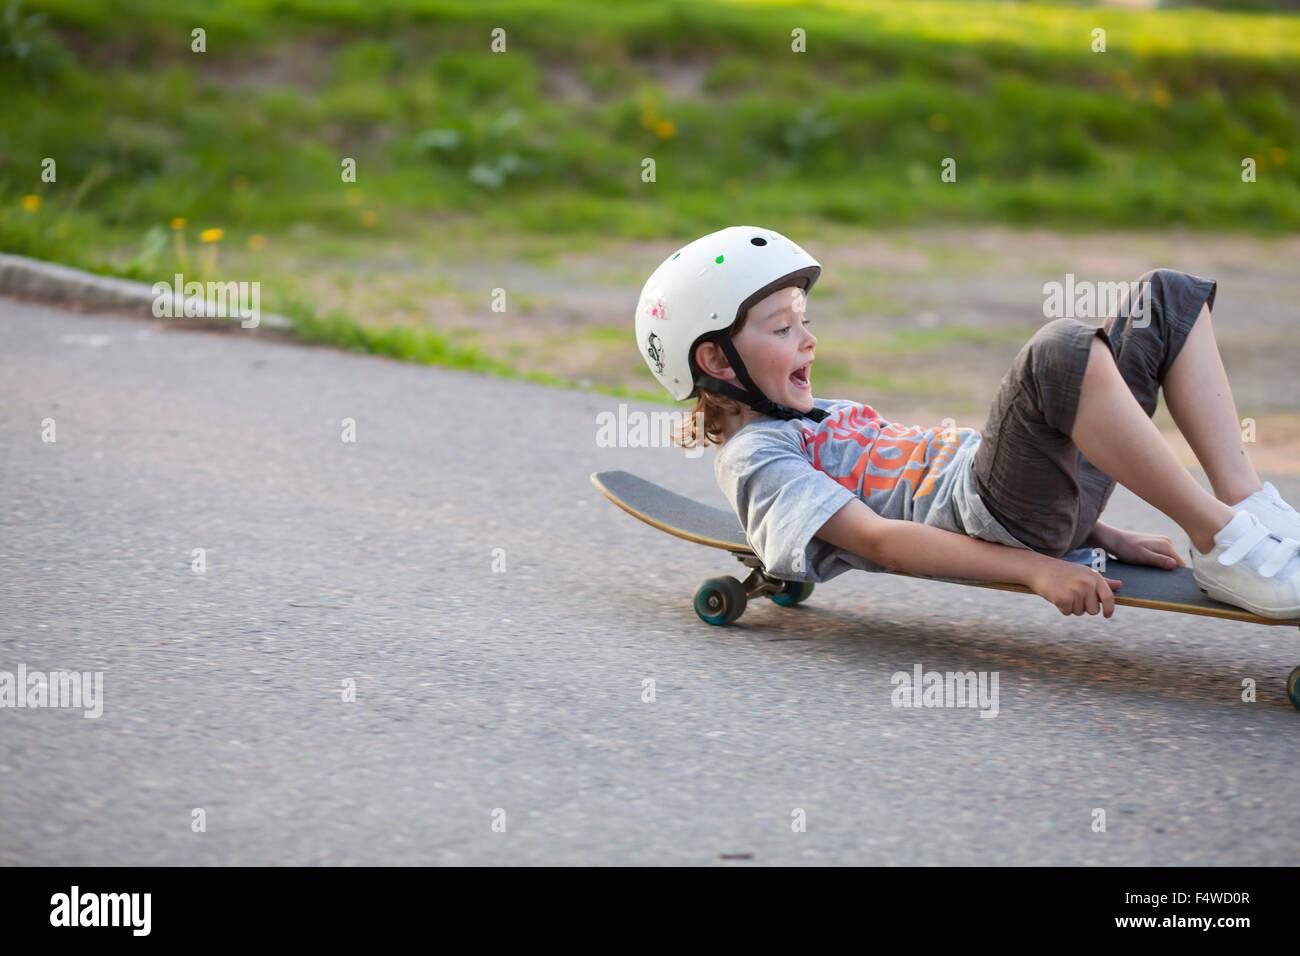 Schweden, Vastergotland, Lerum, Boy (8-9) Abrutschen Straße auf skateboard Stockbild